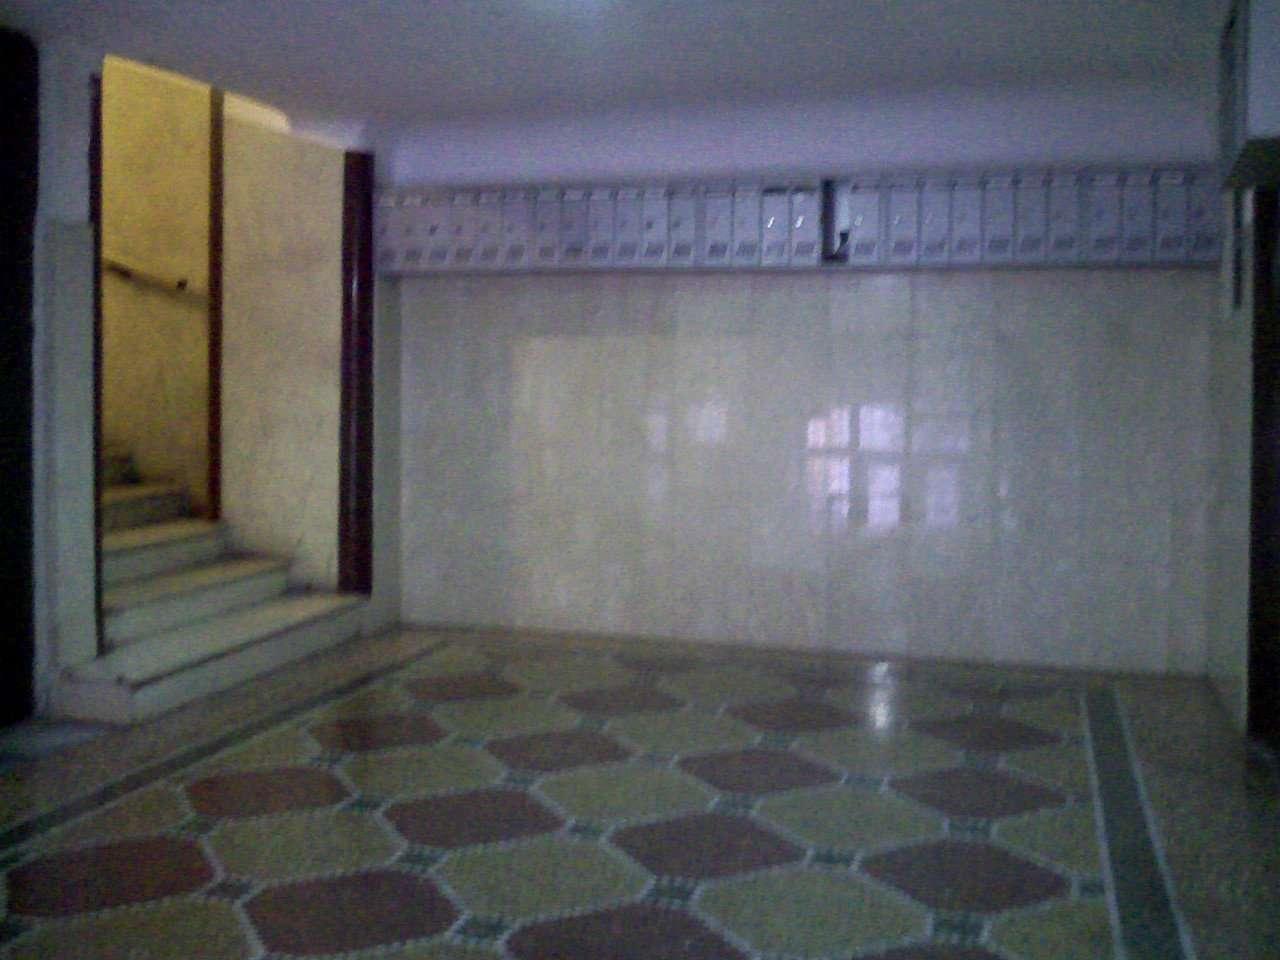 Appartamento in vendita a Taranto, 9999 locali, prezzo € 53.000 | CambioCasa.it